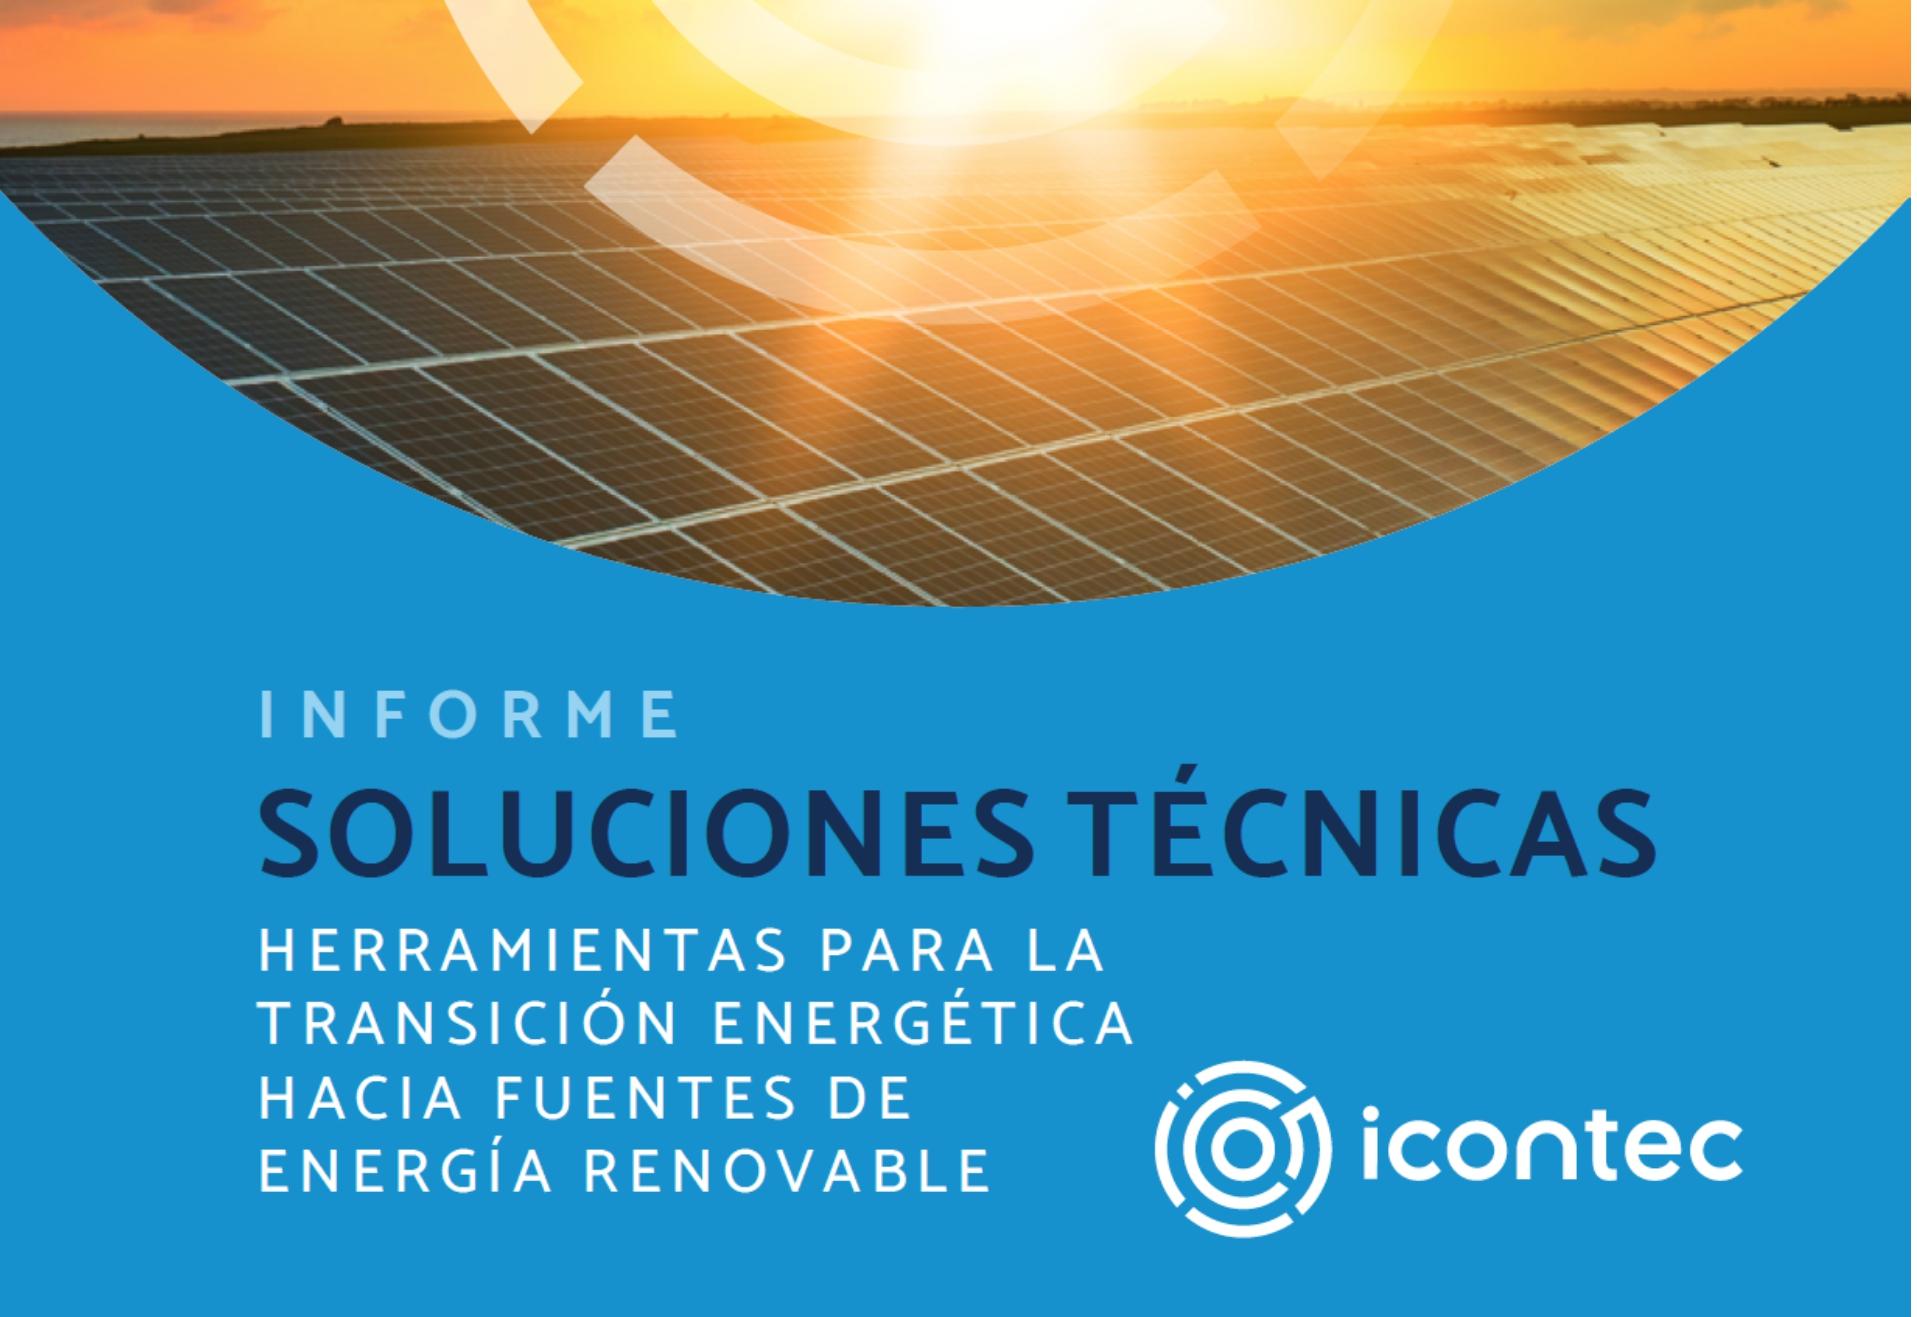 Herramientas para la transición energética hacia fuentes de energía renovable